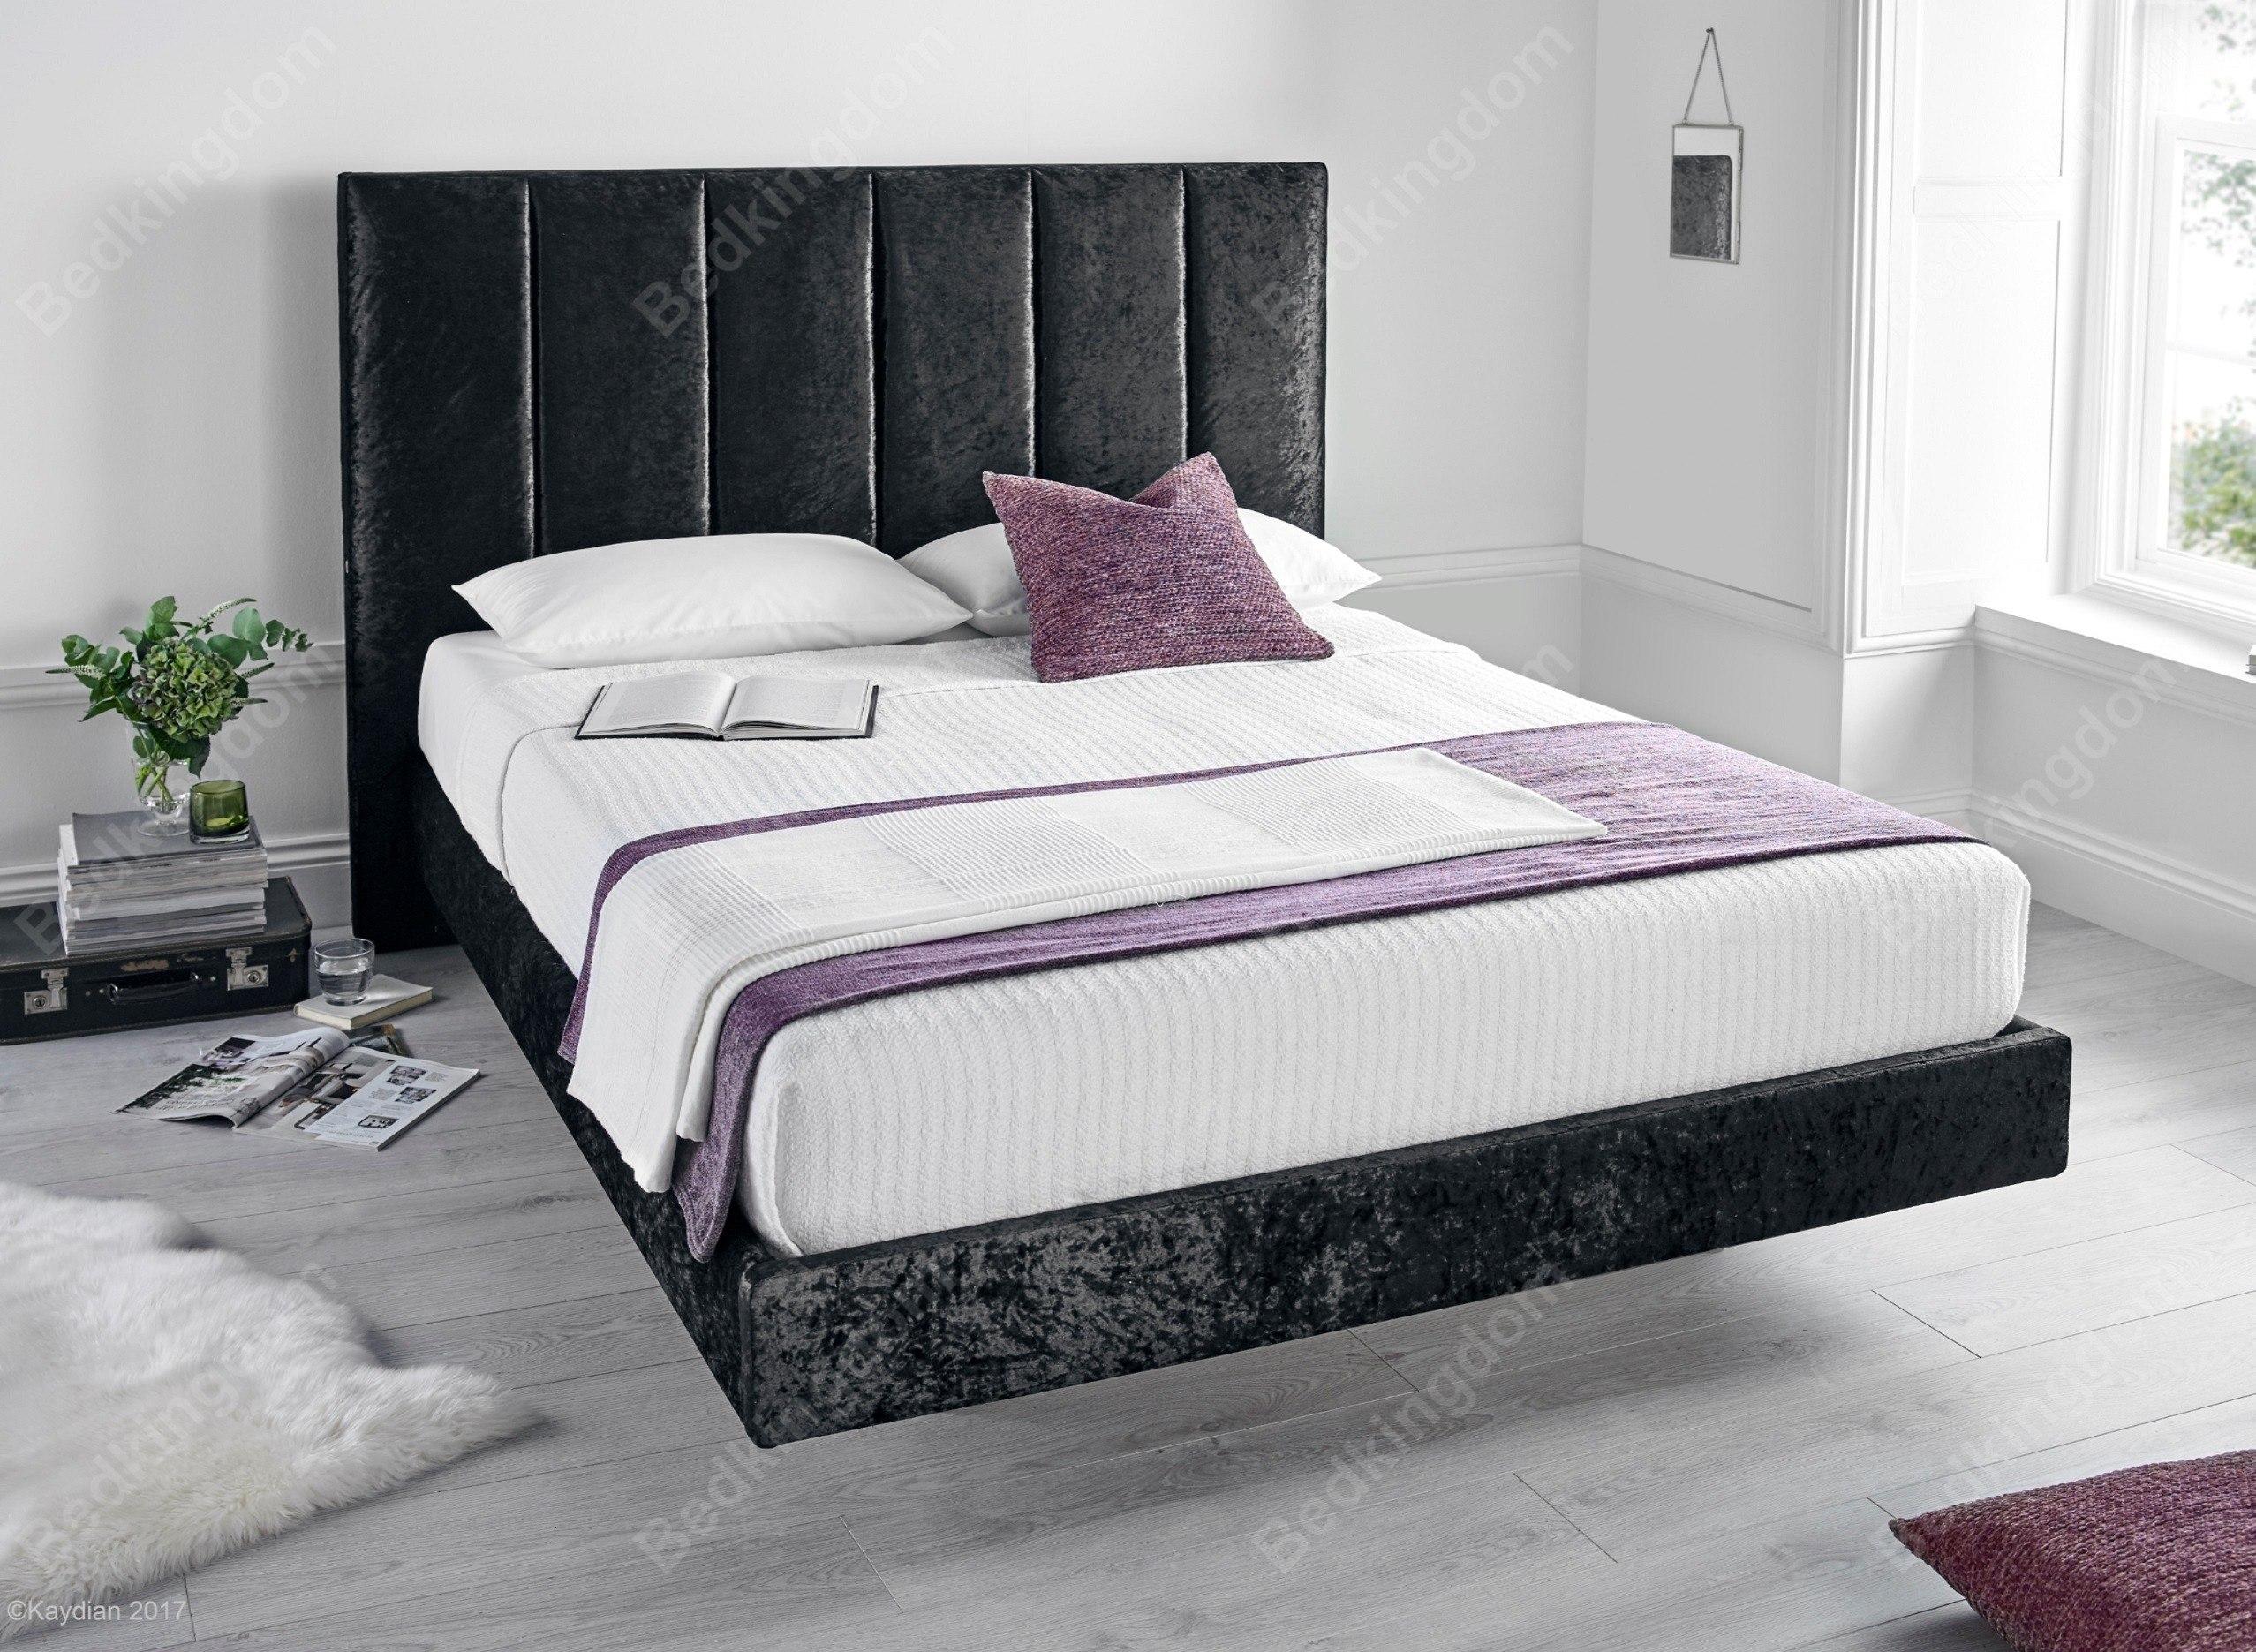 Kaydian Clarice Crushed Velvet Bed Frame | Black Friday &